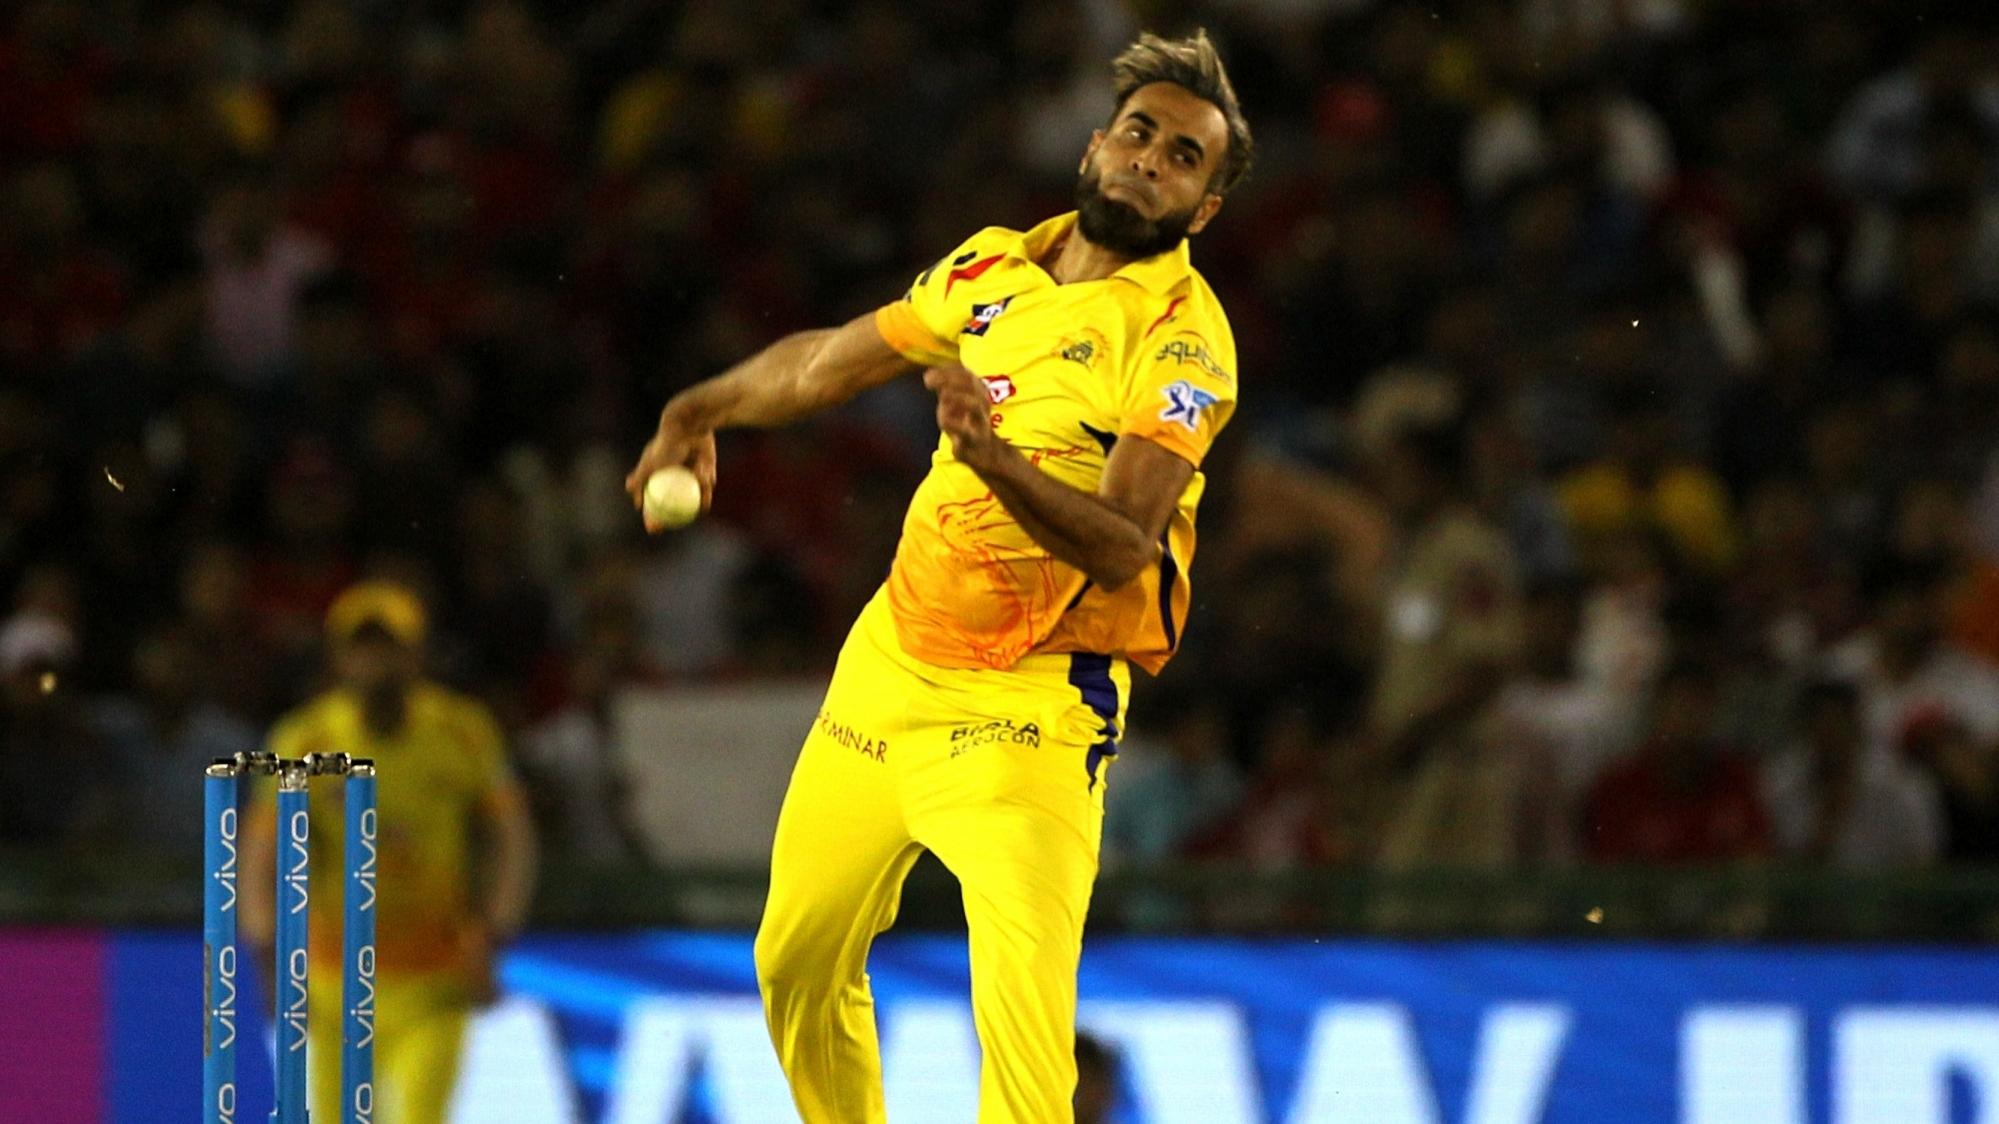 IPL 2018 : इमरान ताहिर को डीडी और सीएसके के बीच हुए मुकाबले के बाद संदीप लेमिछाने के मेंटर की भूमिका में देखा गया